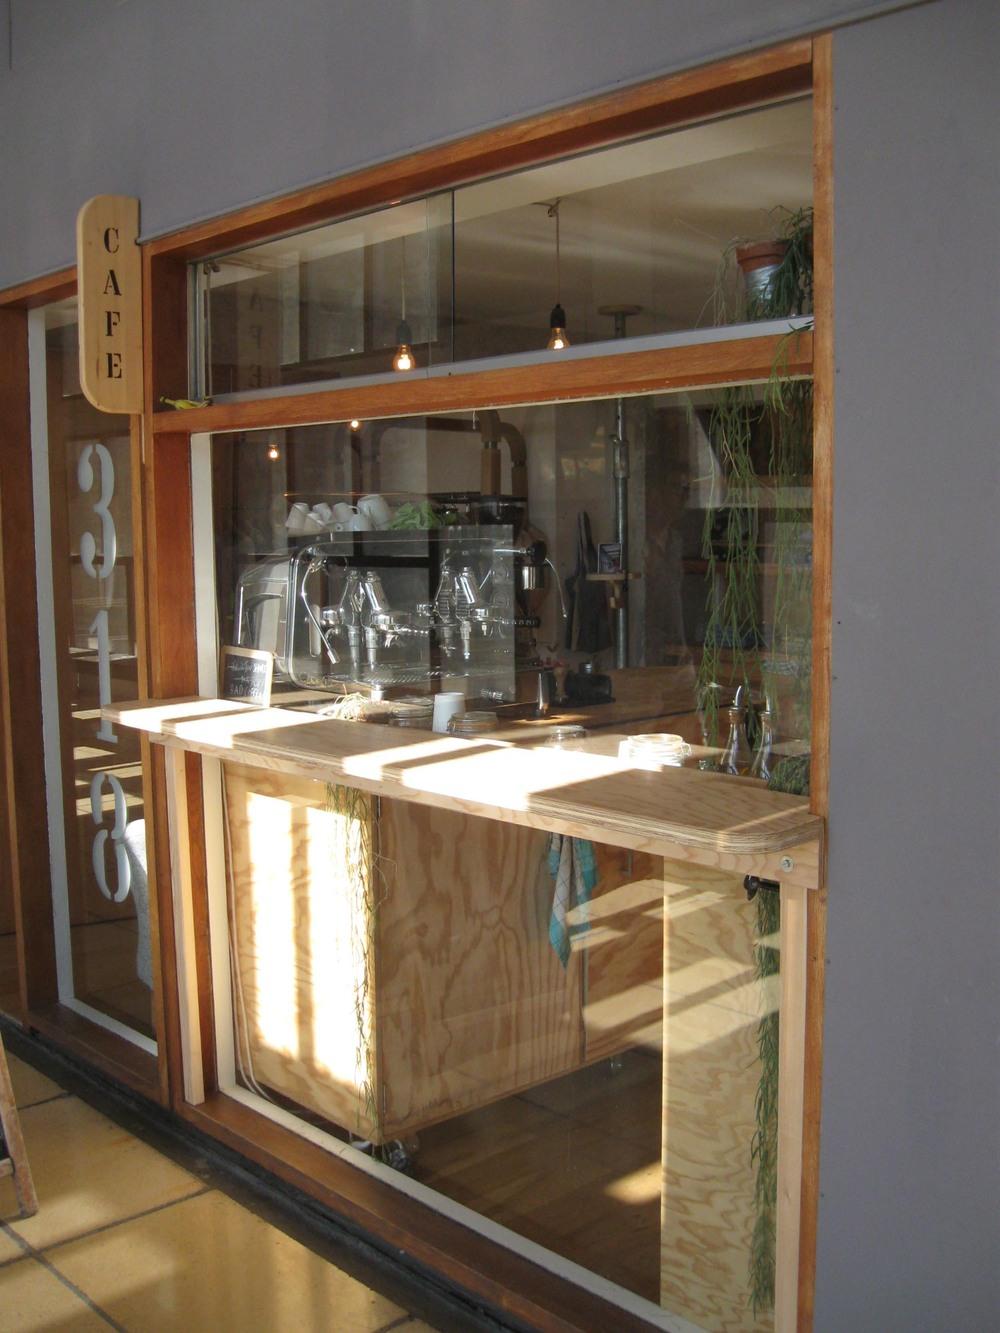 Café - Boutique de la marque Semis, Cité Radieuse, Marseille